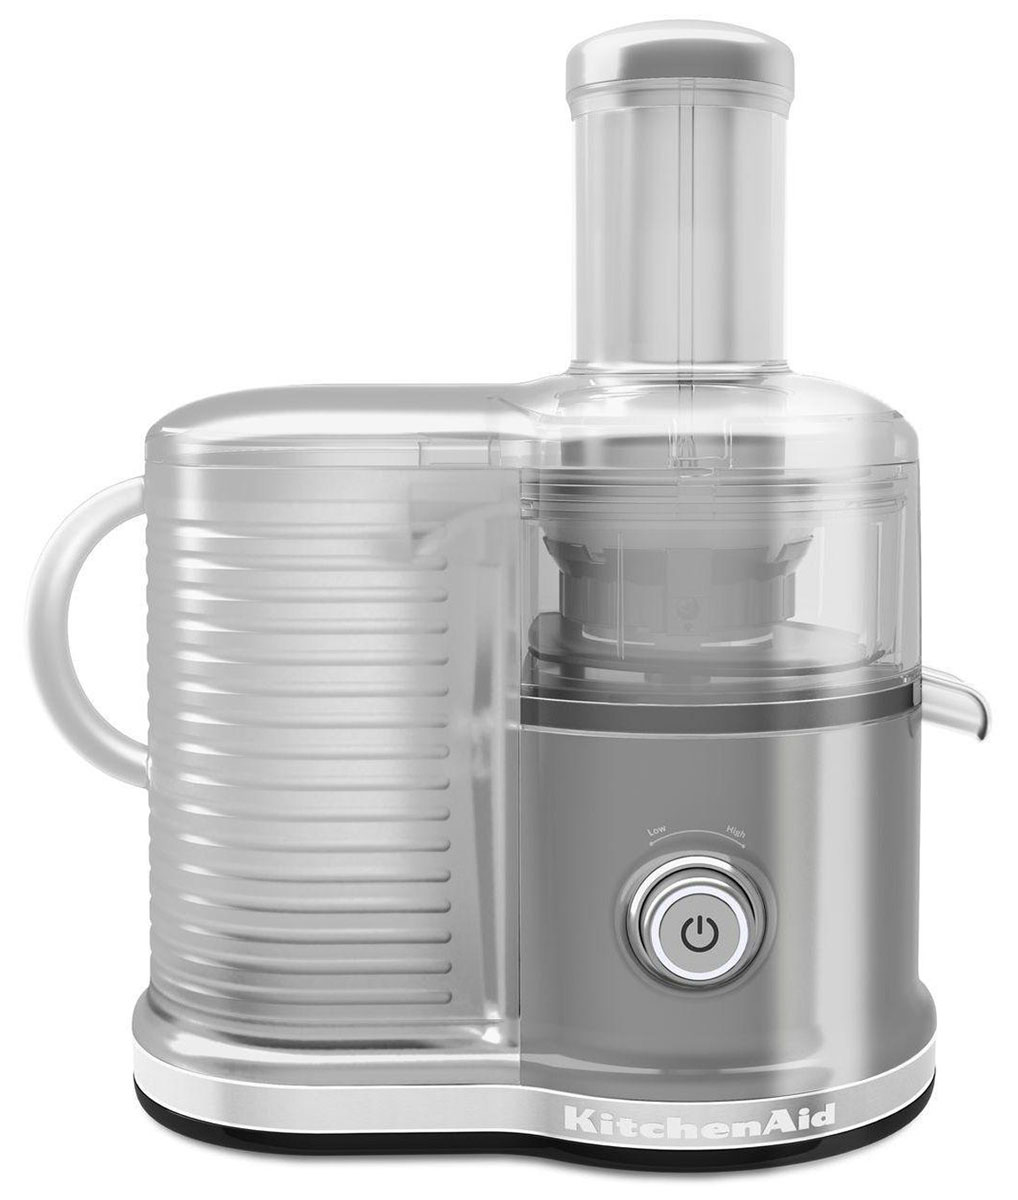 KitchenAid Artisan 5KVJ0333, Silver соковыжималка5KVJ0333EMSСкоростная центрифужная соковыжималка KitchenAid Artisan 5KVJ0333 имеет две скорости для мягких и твердых фруктов и овощей, что увеличивает объем получаемого сока, сокращая количество отходов.Экстра широкое жерло и толкатель подходит для фруктов и овощей разных размеров, сокращая время предварительной нарезки.Капля-стоп для контролирования вытекания сока.Контроль объема мякоти с помощью фильтра с 3-мя регулируемыми настройками позволяет регулировать объем мякоти в соке для приготовления однородных овощных соков или более густых фруктовых соков.